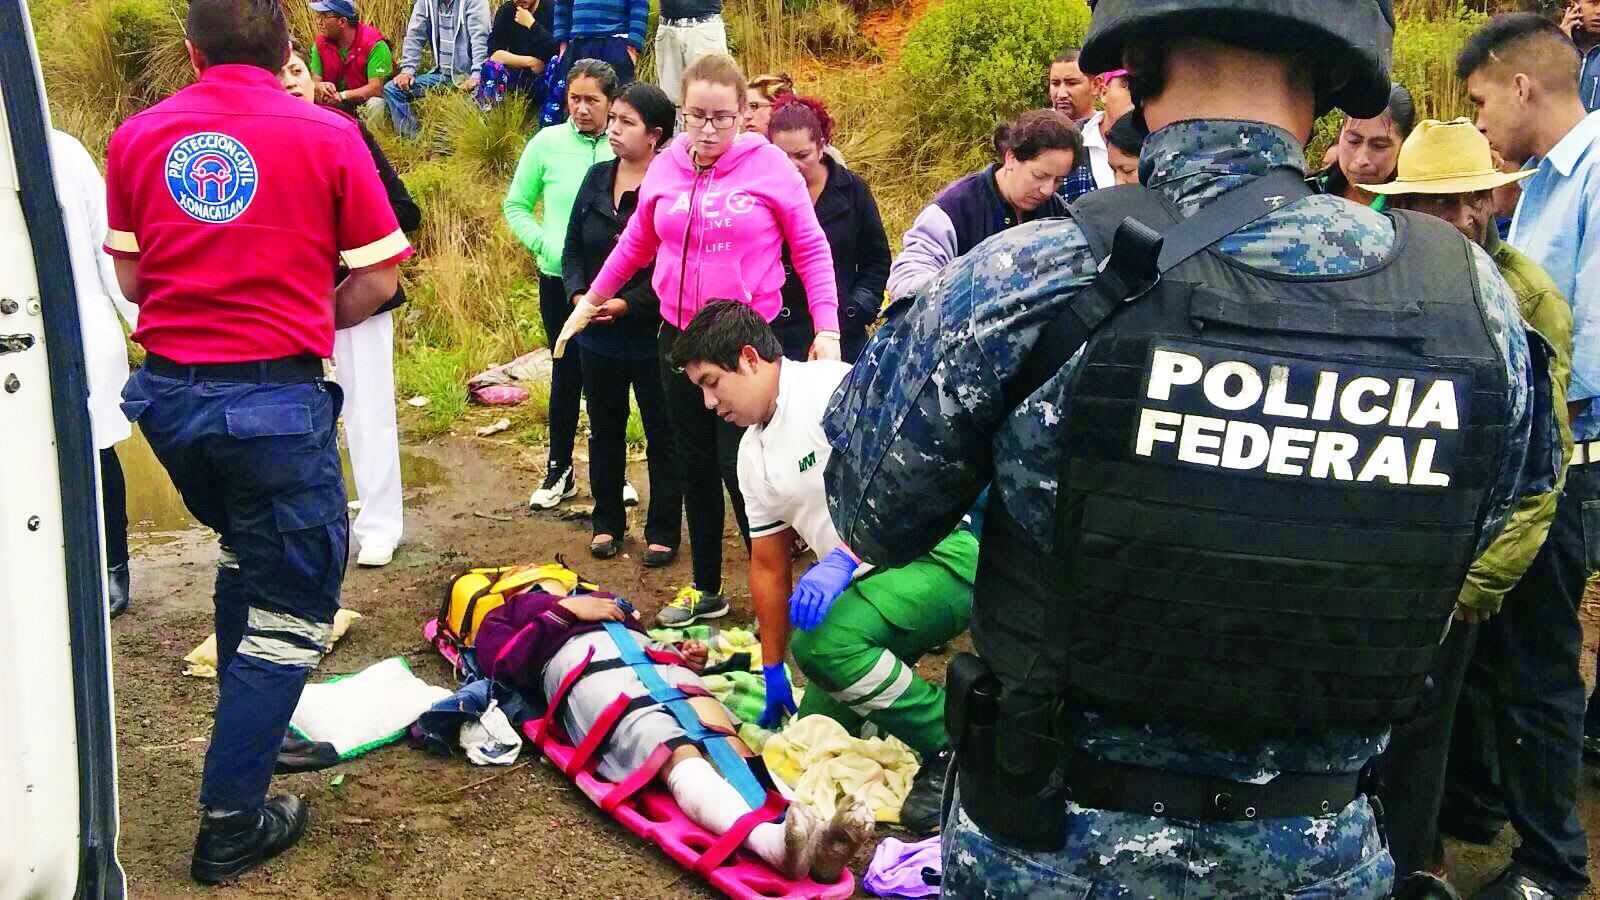 Apachurran a niña que iba a la escuela en Xonacatlan | El Gráfico - El Grafico